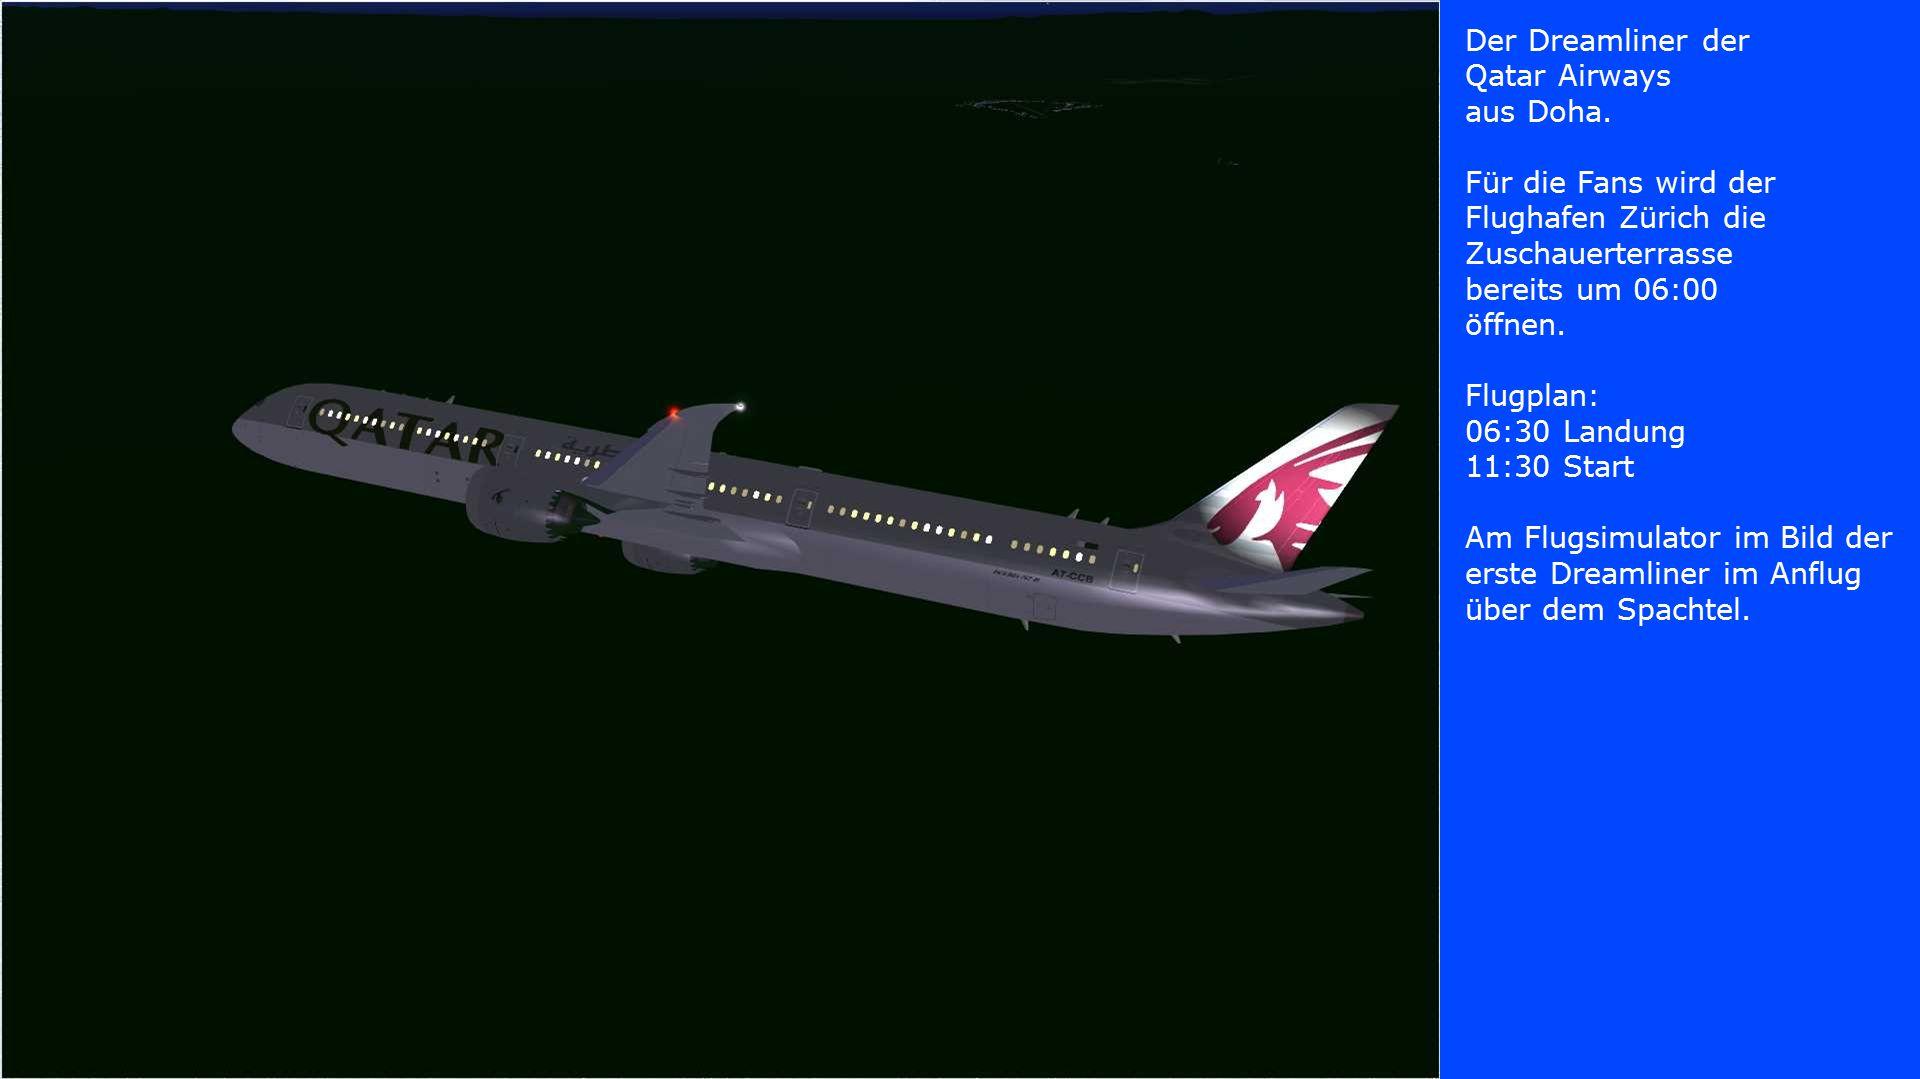 Der Dreamliner der Qatar Airways aus Doha. Für die Fans wird der Flughafen Zürich die Zuschauerterrasse bereits um 06:00 öffnen. Flugplan: 06:30 Landu